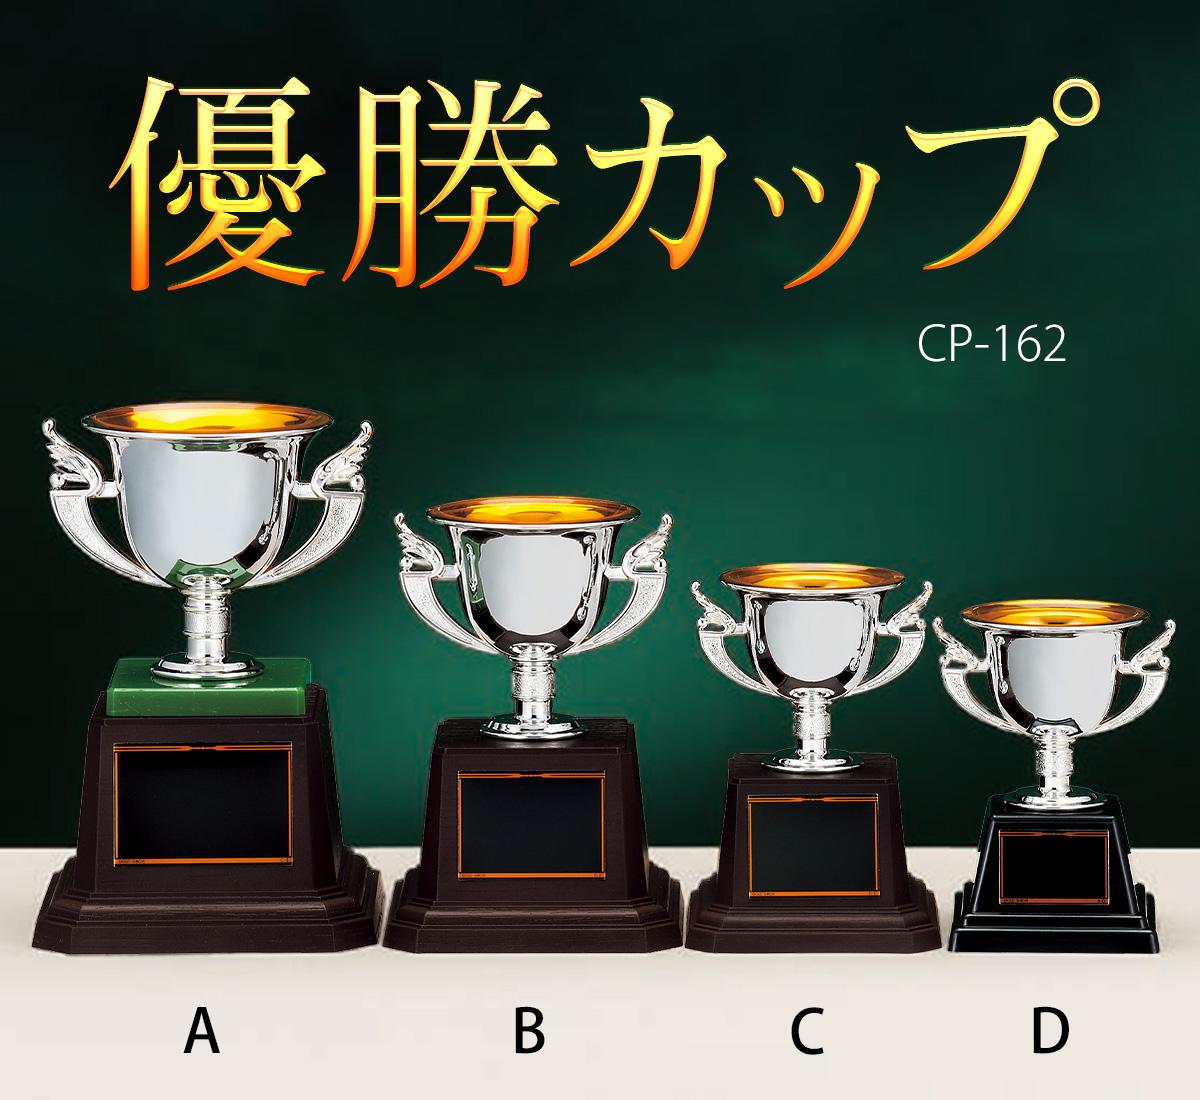 優勝カップ CP-162画像